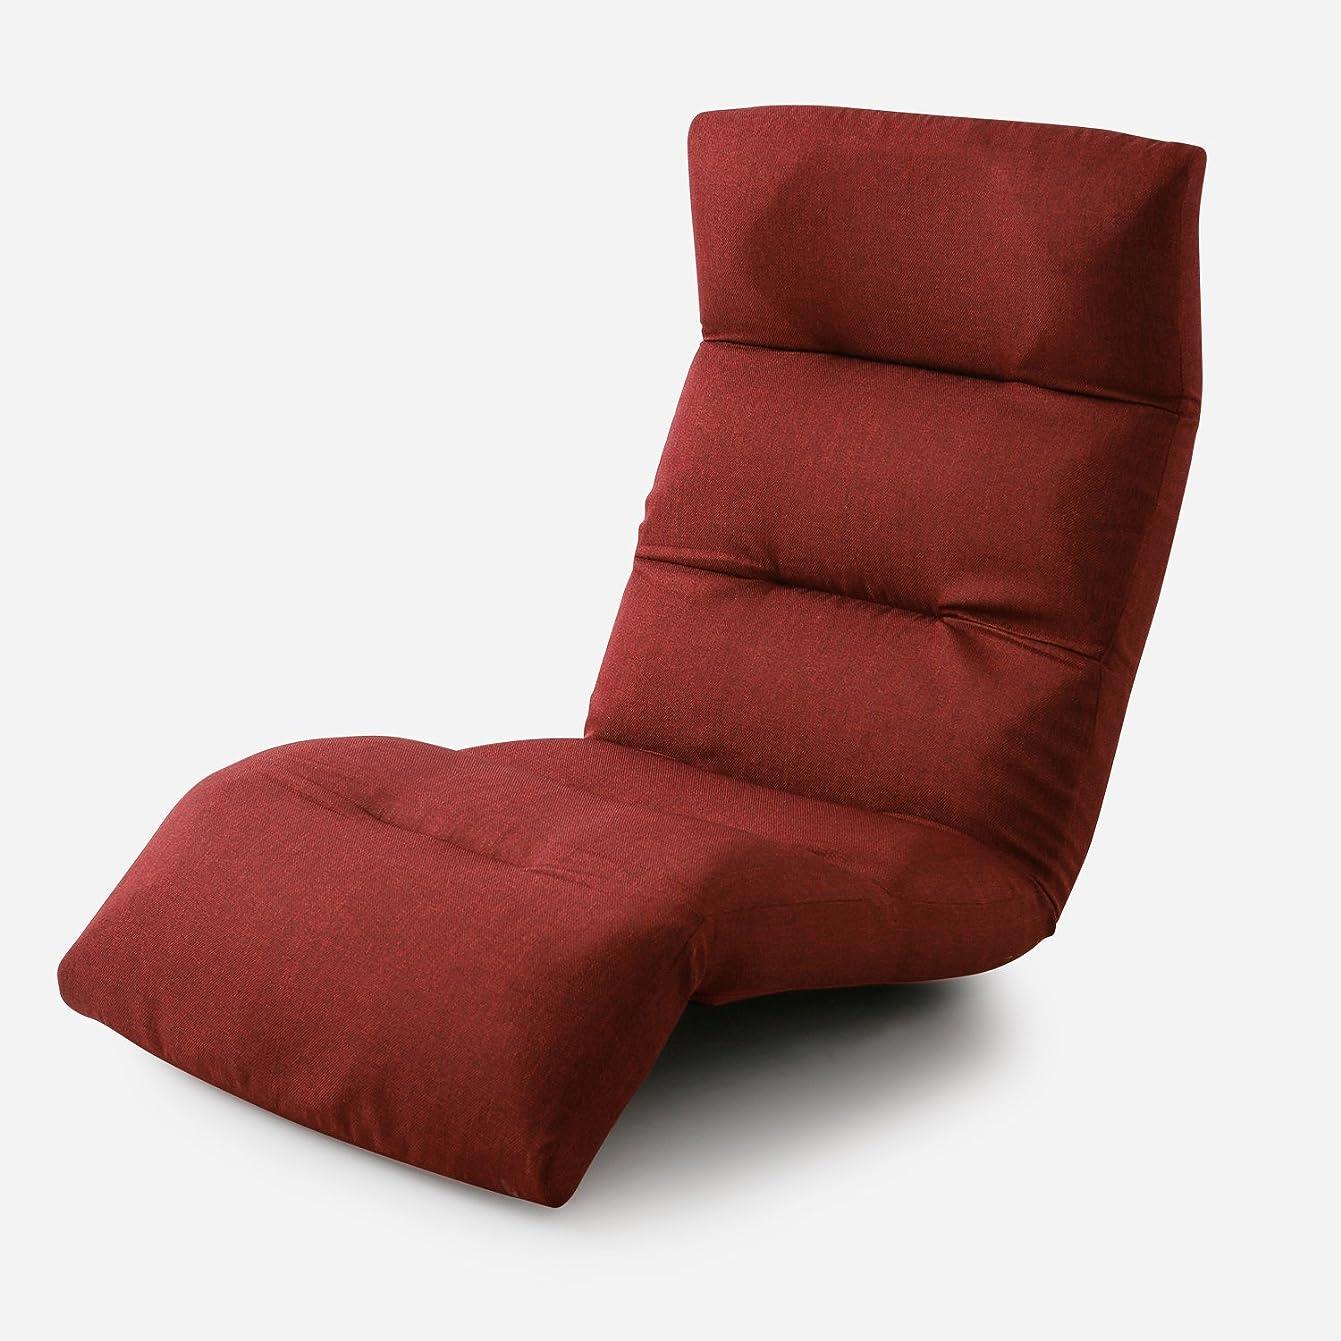 リファイン光景日食LOWYA (ロウヤ) 座椅子 リクライニング 日本製 国産 ハイバック 高反発 42段階ギア 11段階フットギア 3ポイント可動 ファブリック レッド おしゃれ 新生活